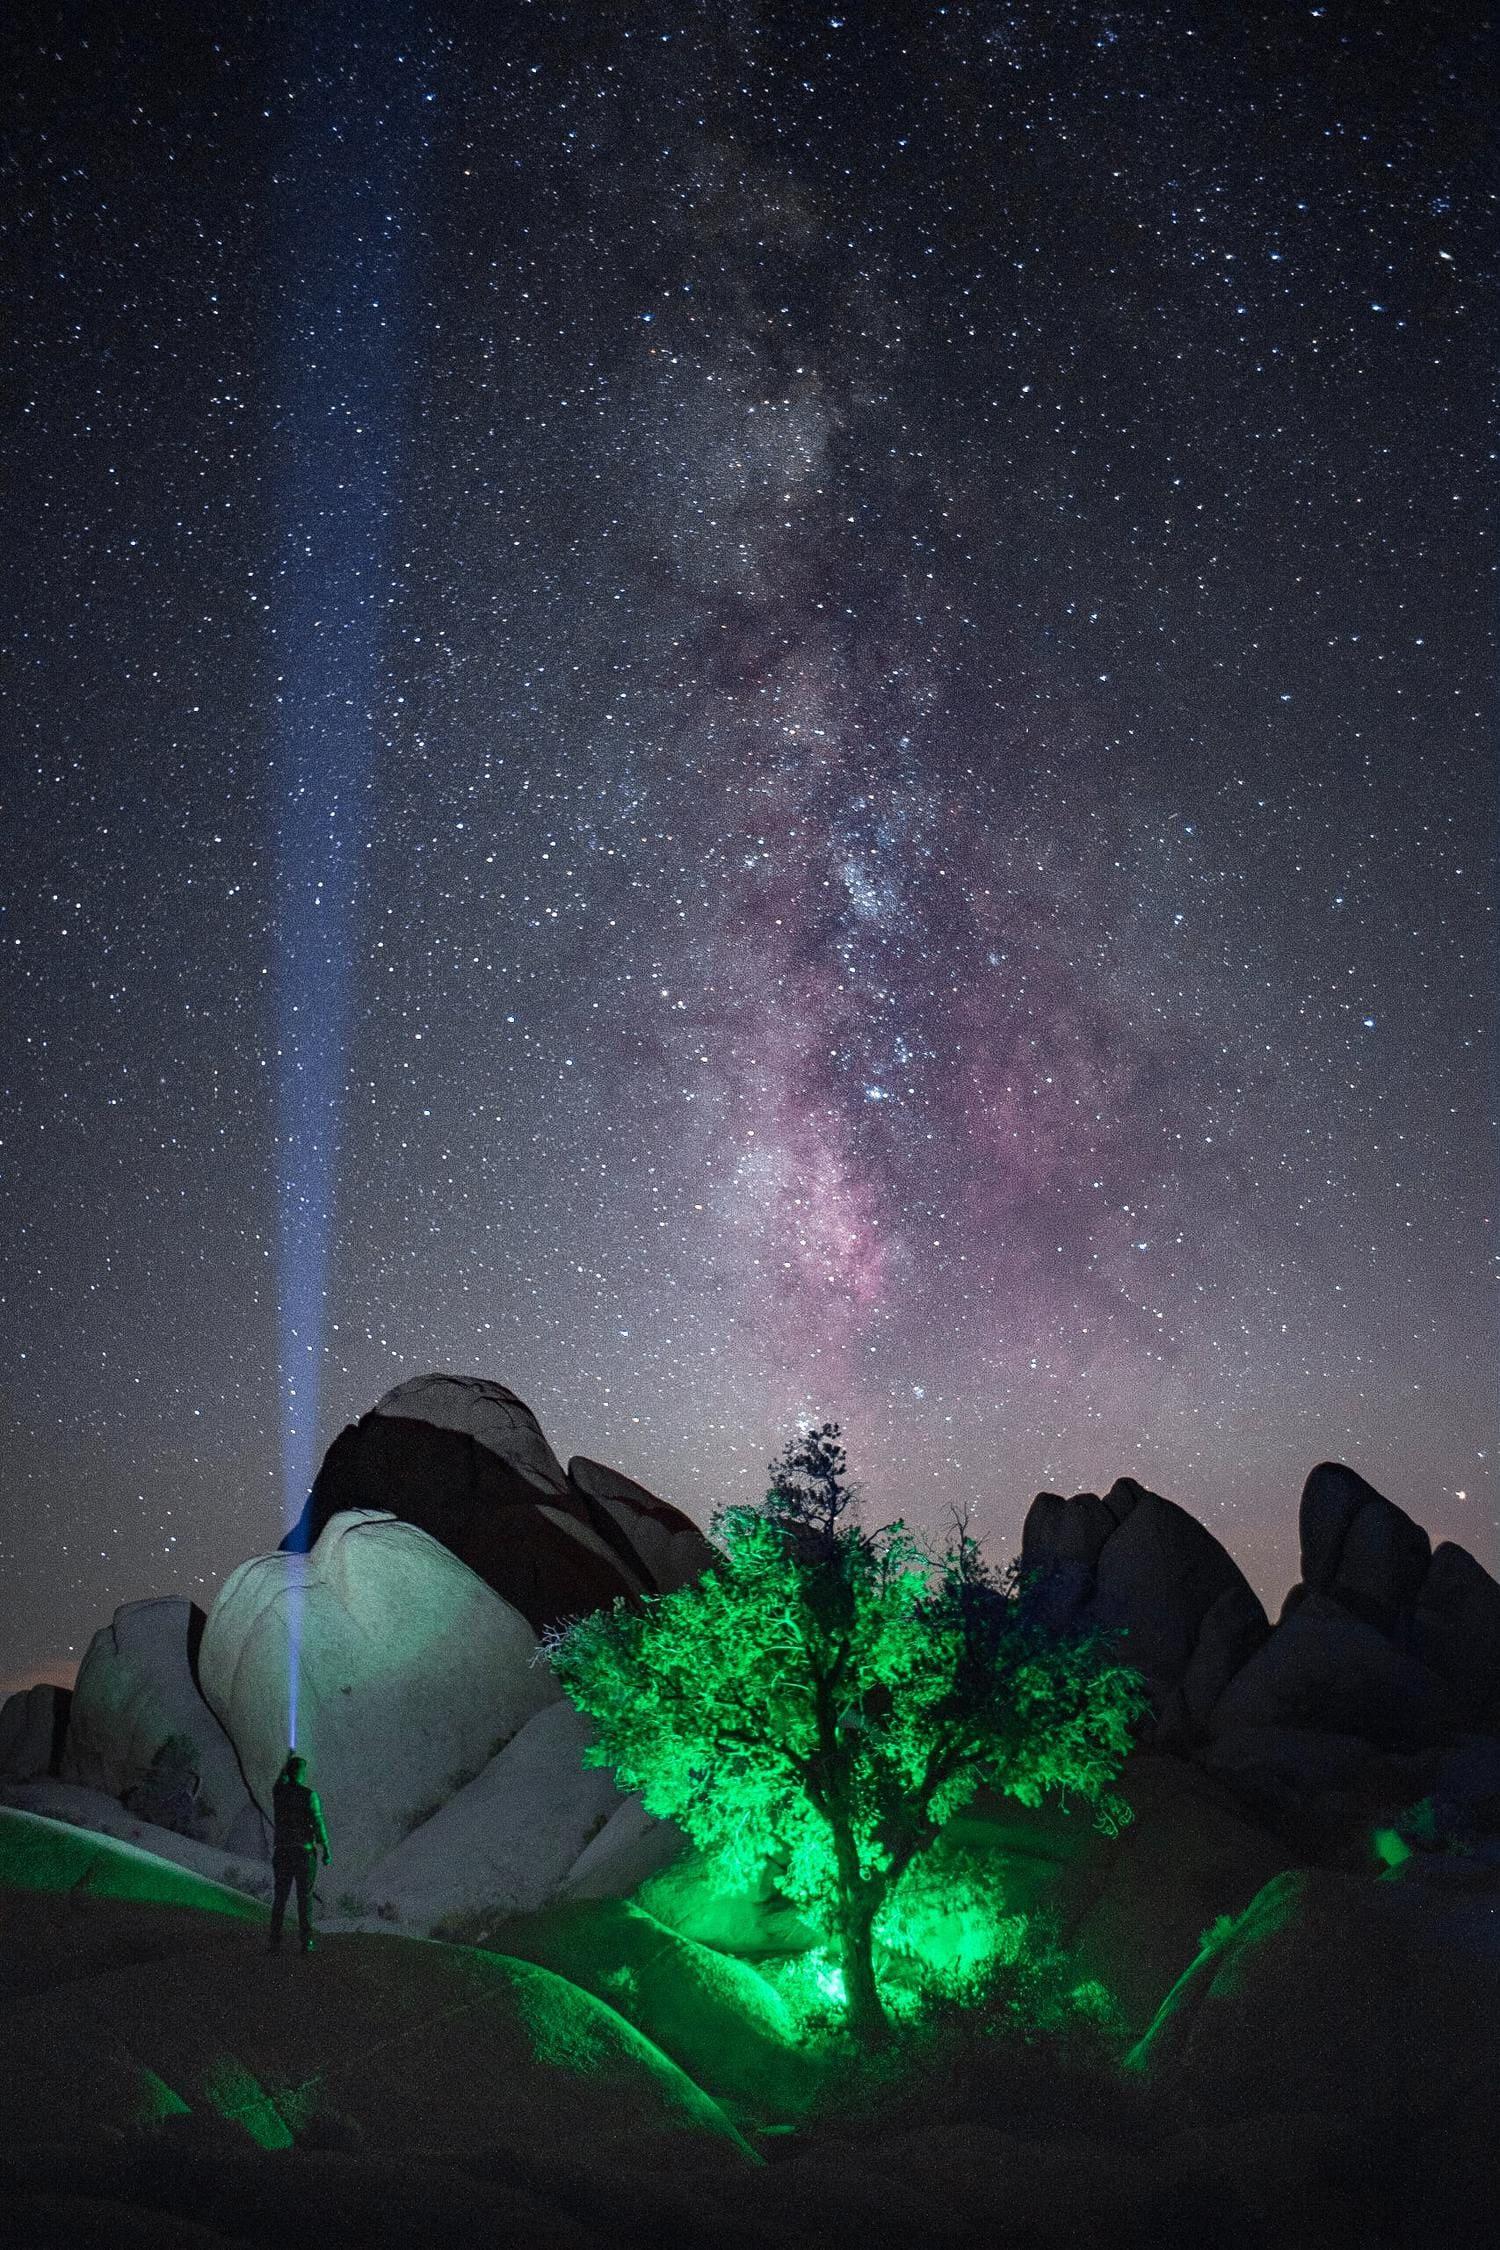 Освещение в ночной фотографии фонариками и вспышками